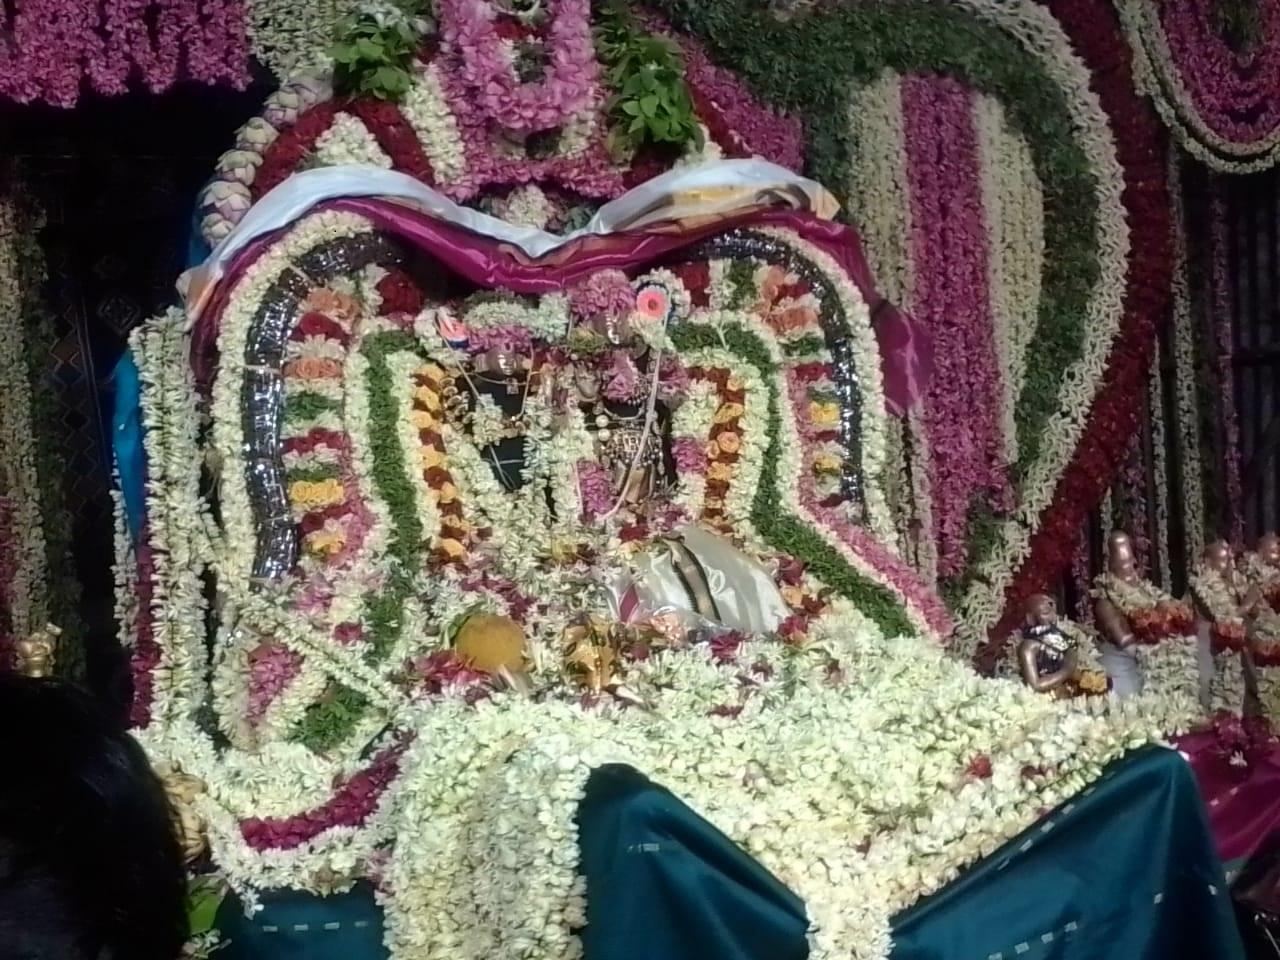 கோலாகலமாய் நடந்த திருஞானசம்பந்த சுவாமிகளின் திருக்கலயாண பெருவிழா!